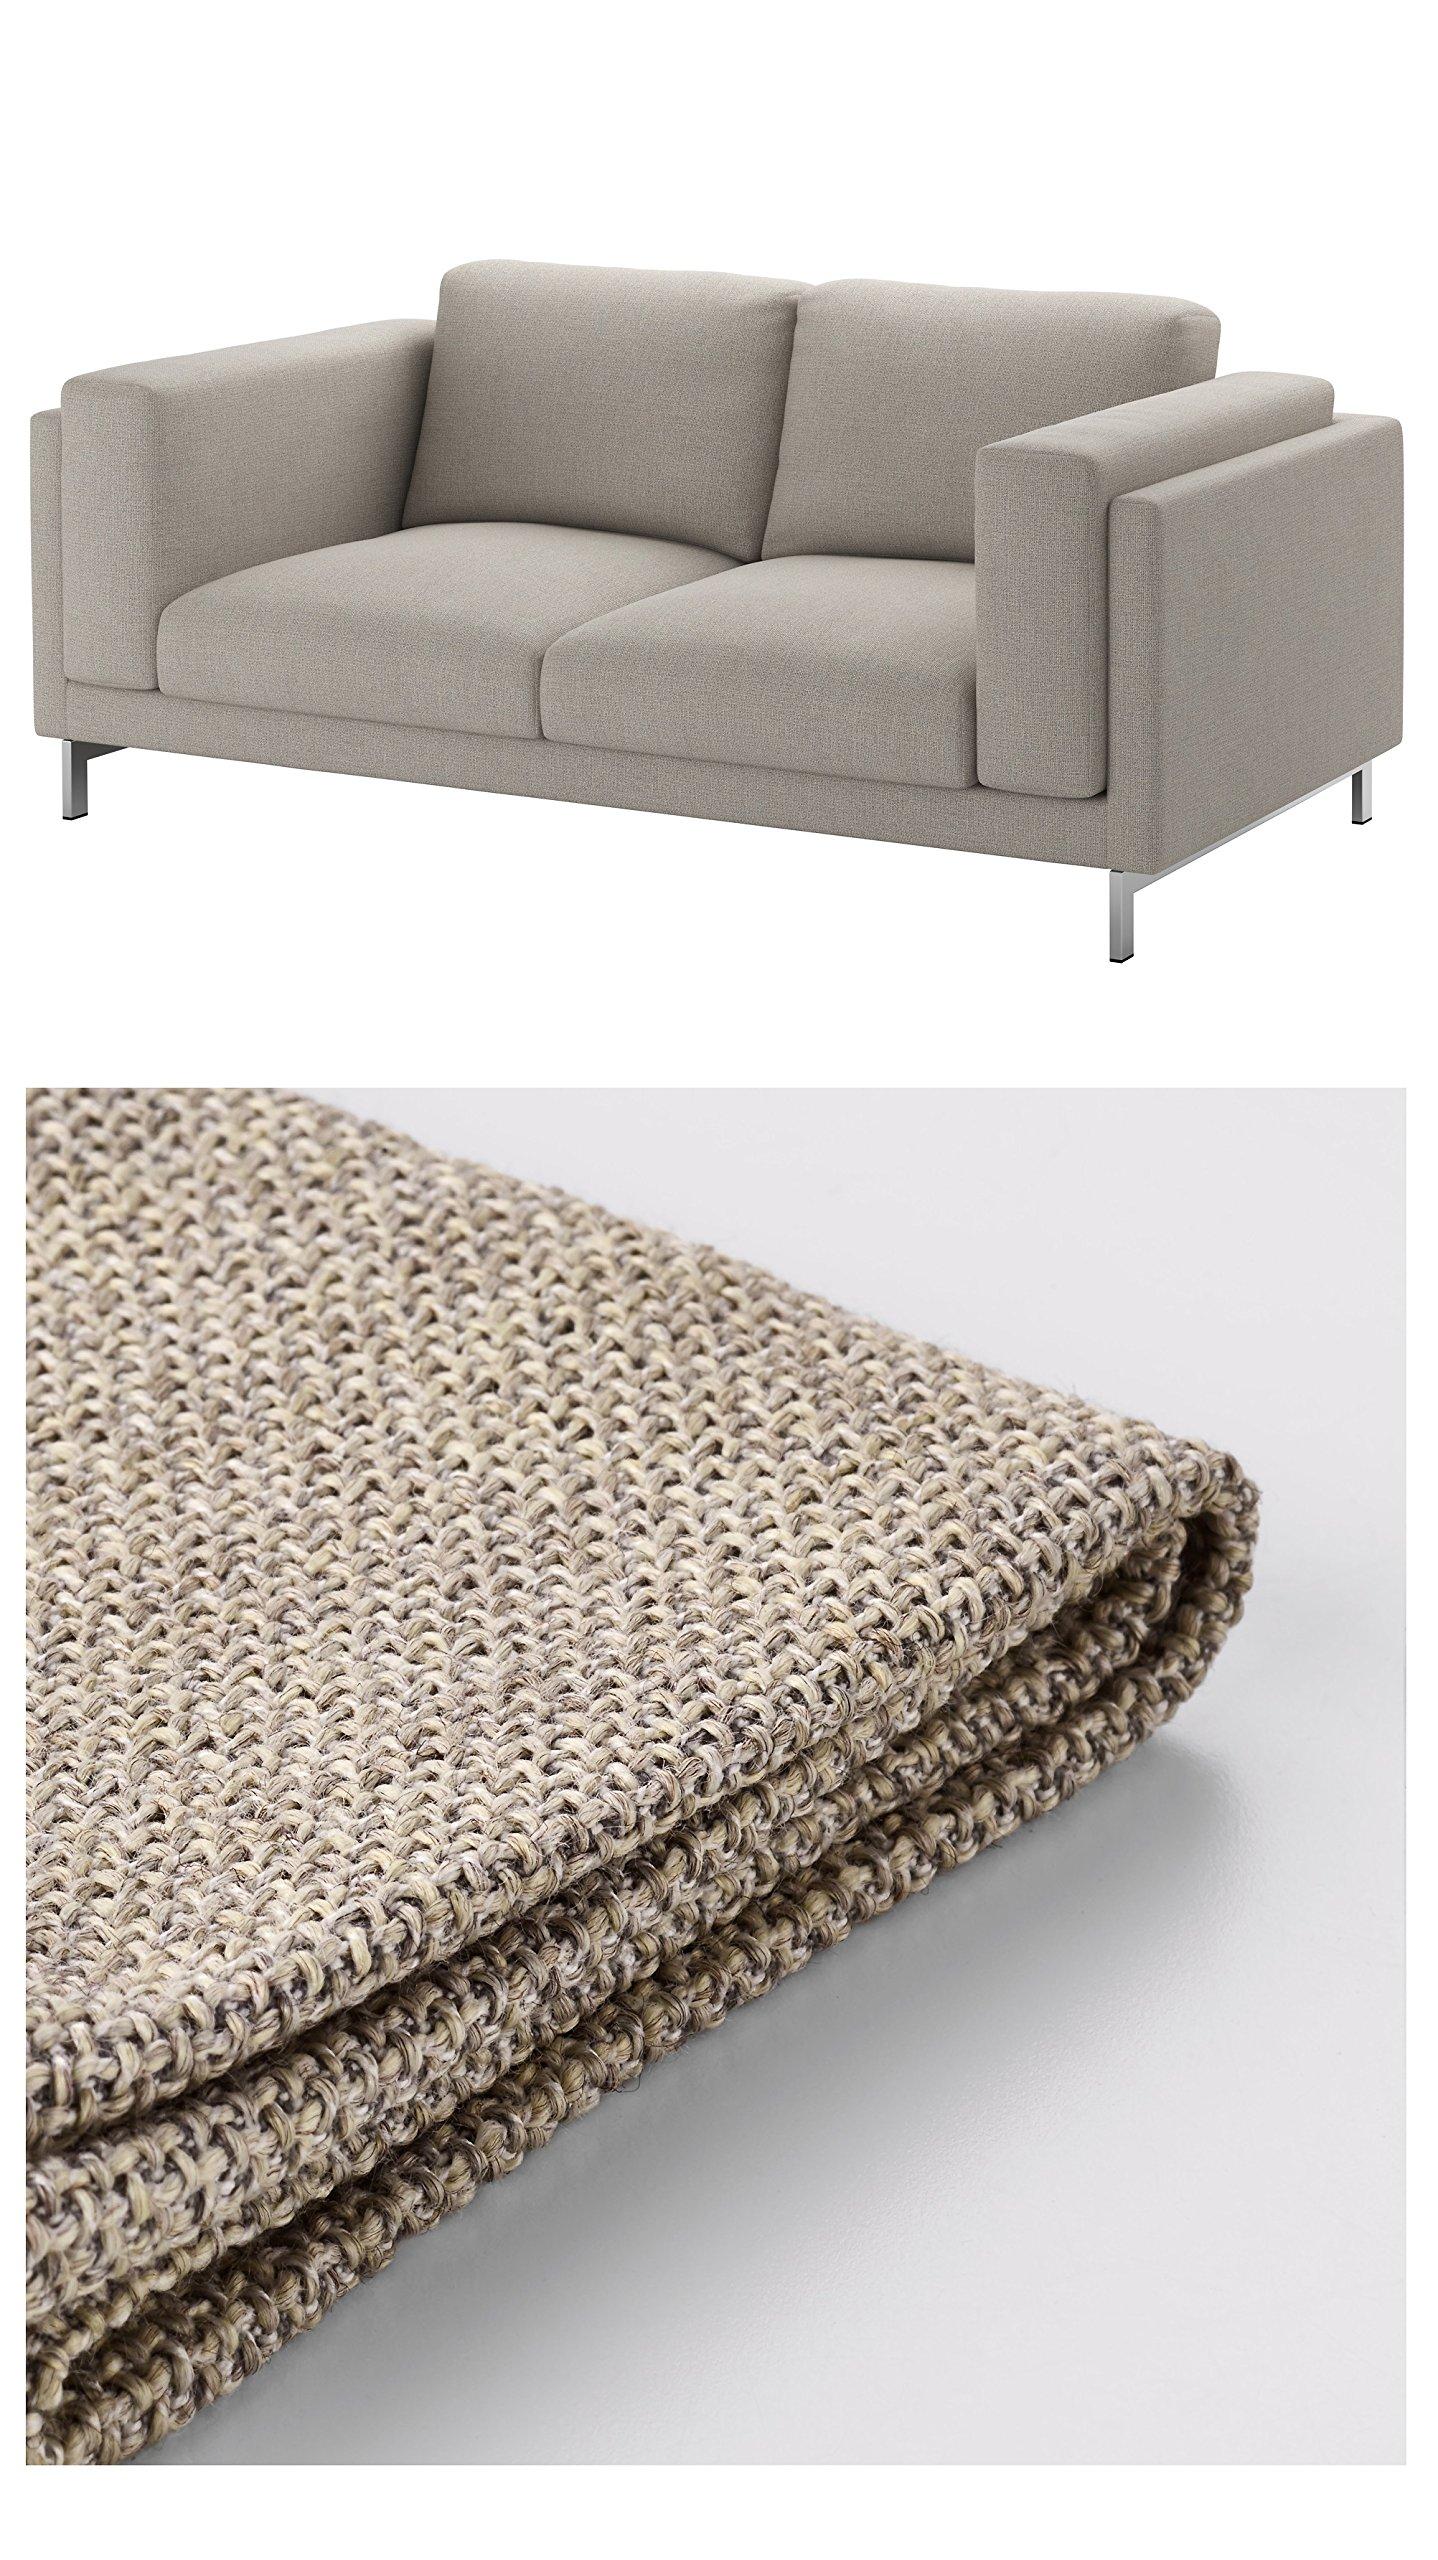 IKEA Nockeby Cover - Slipcover Set Only (Tenö Light Gray, Loveseat)